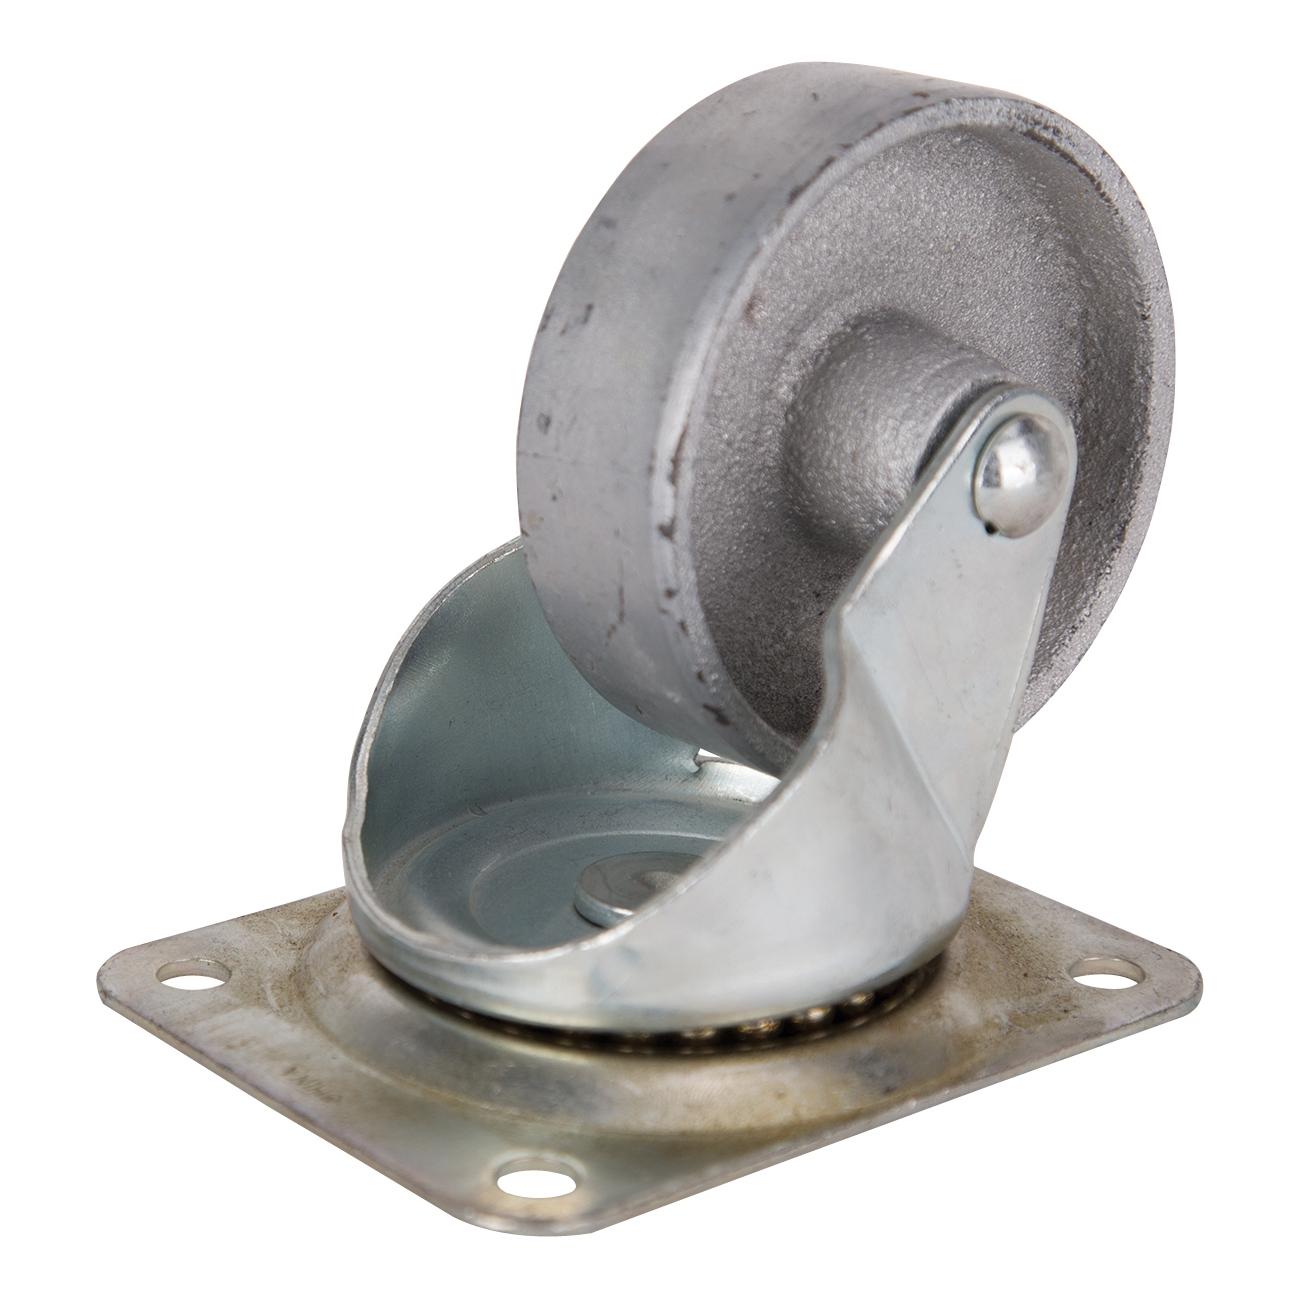 Picture of ProSource JC-S08 Swivel Caster, 4 in Dia Wheel, Steel Wheel, 500 lb